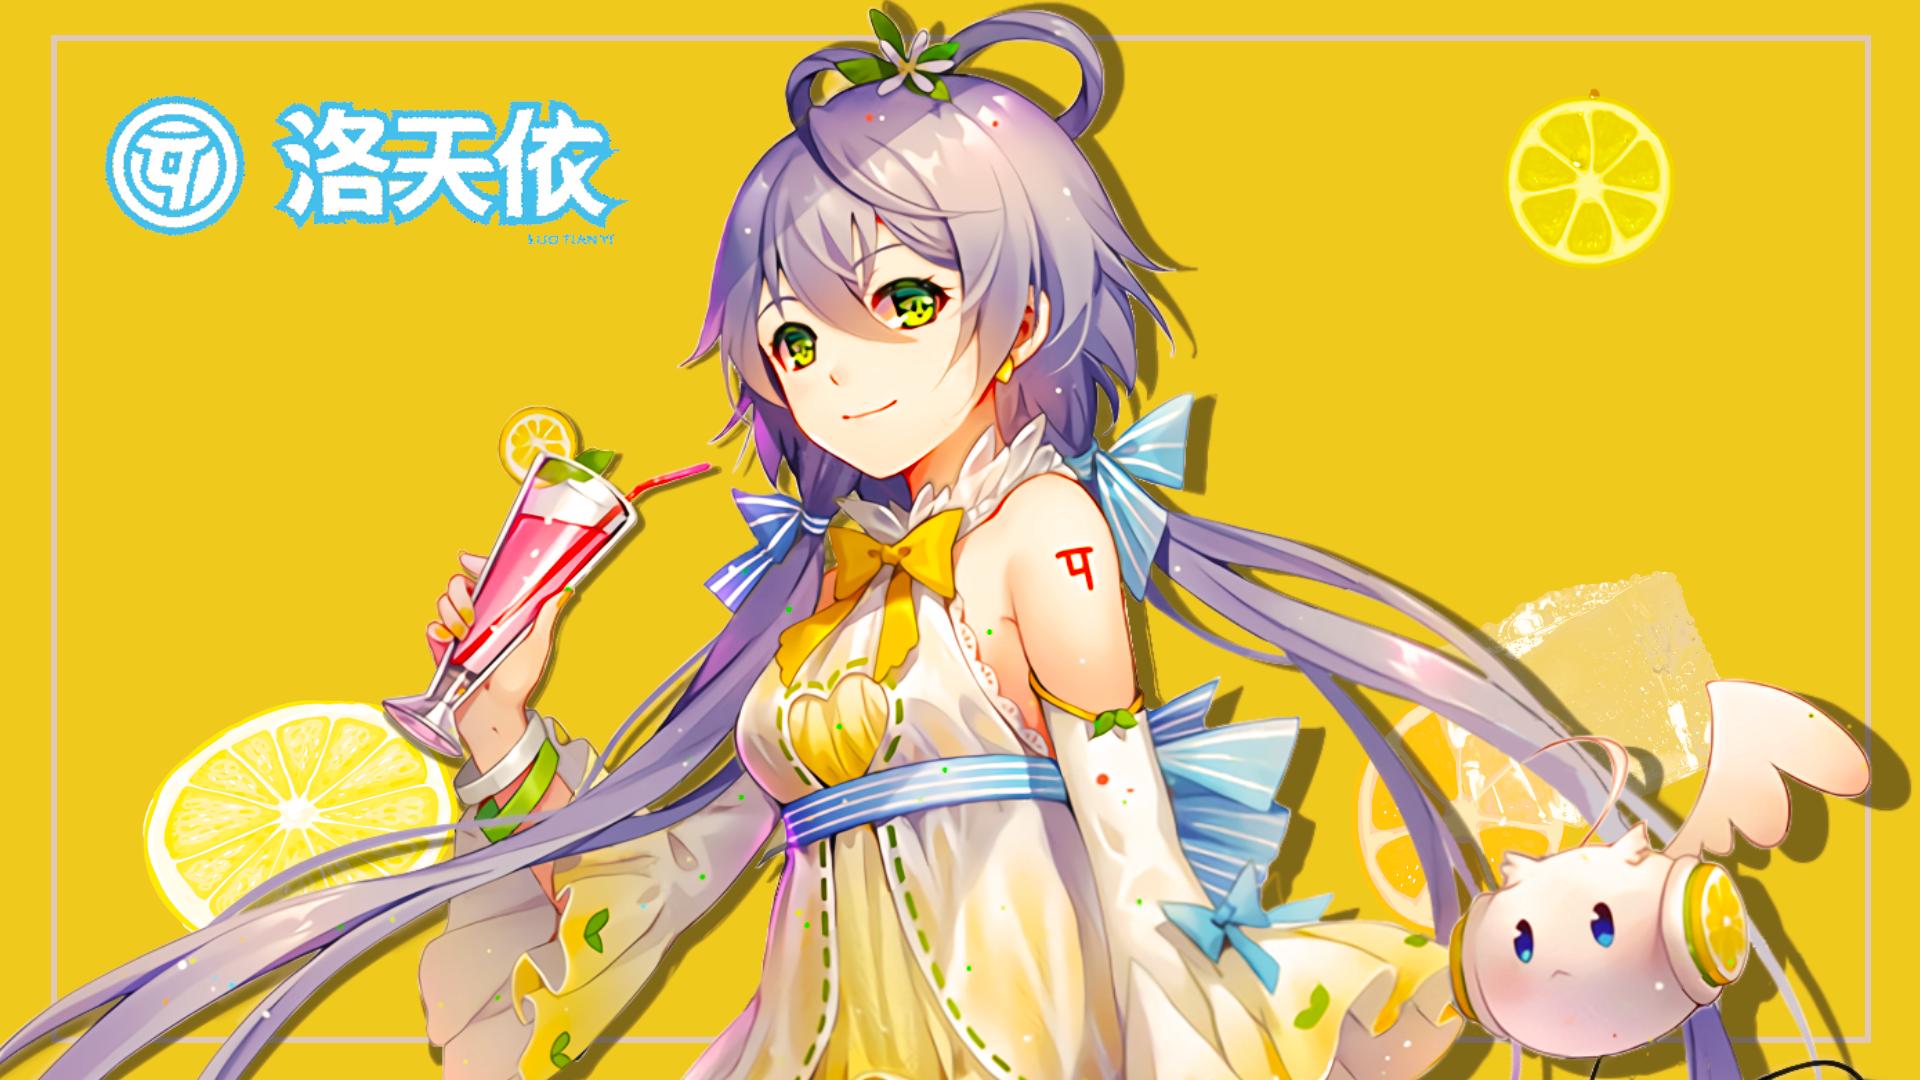 【洛天依】柠檬依动态壁纸【预告】